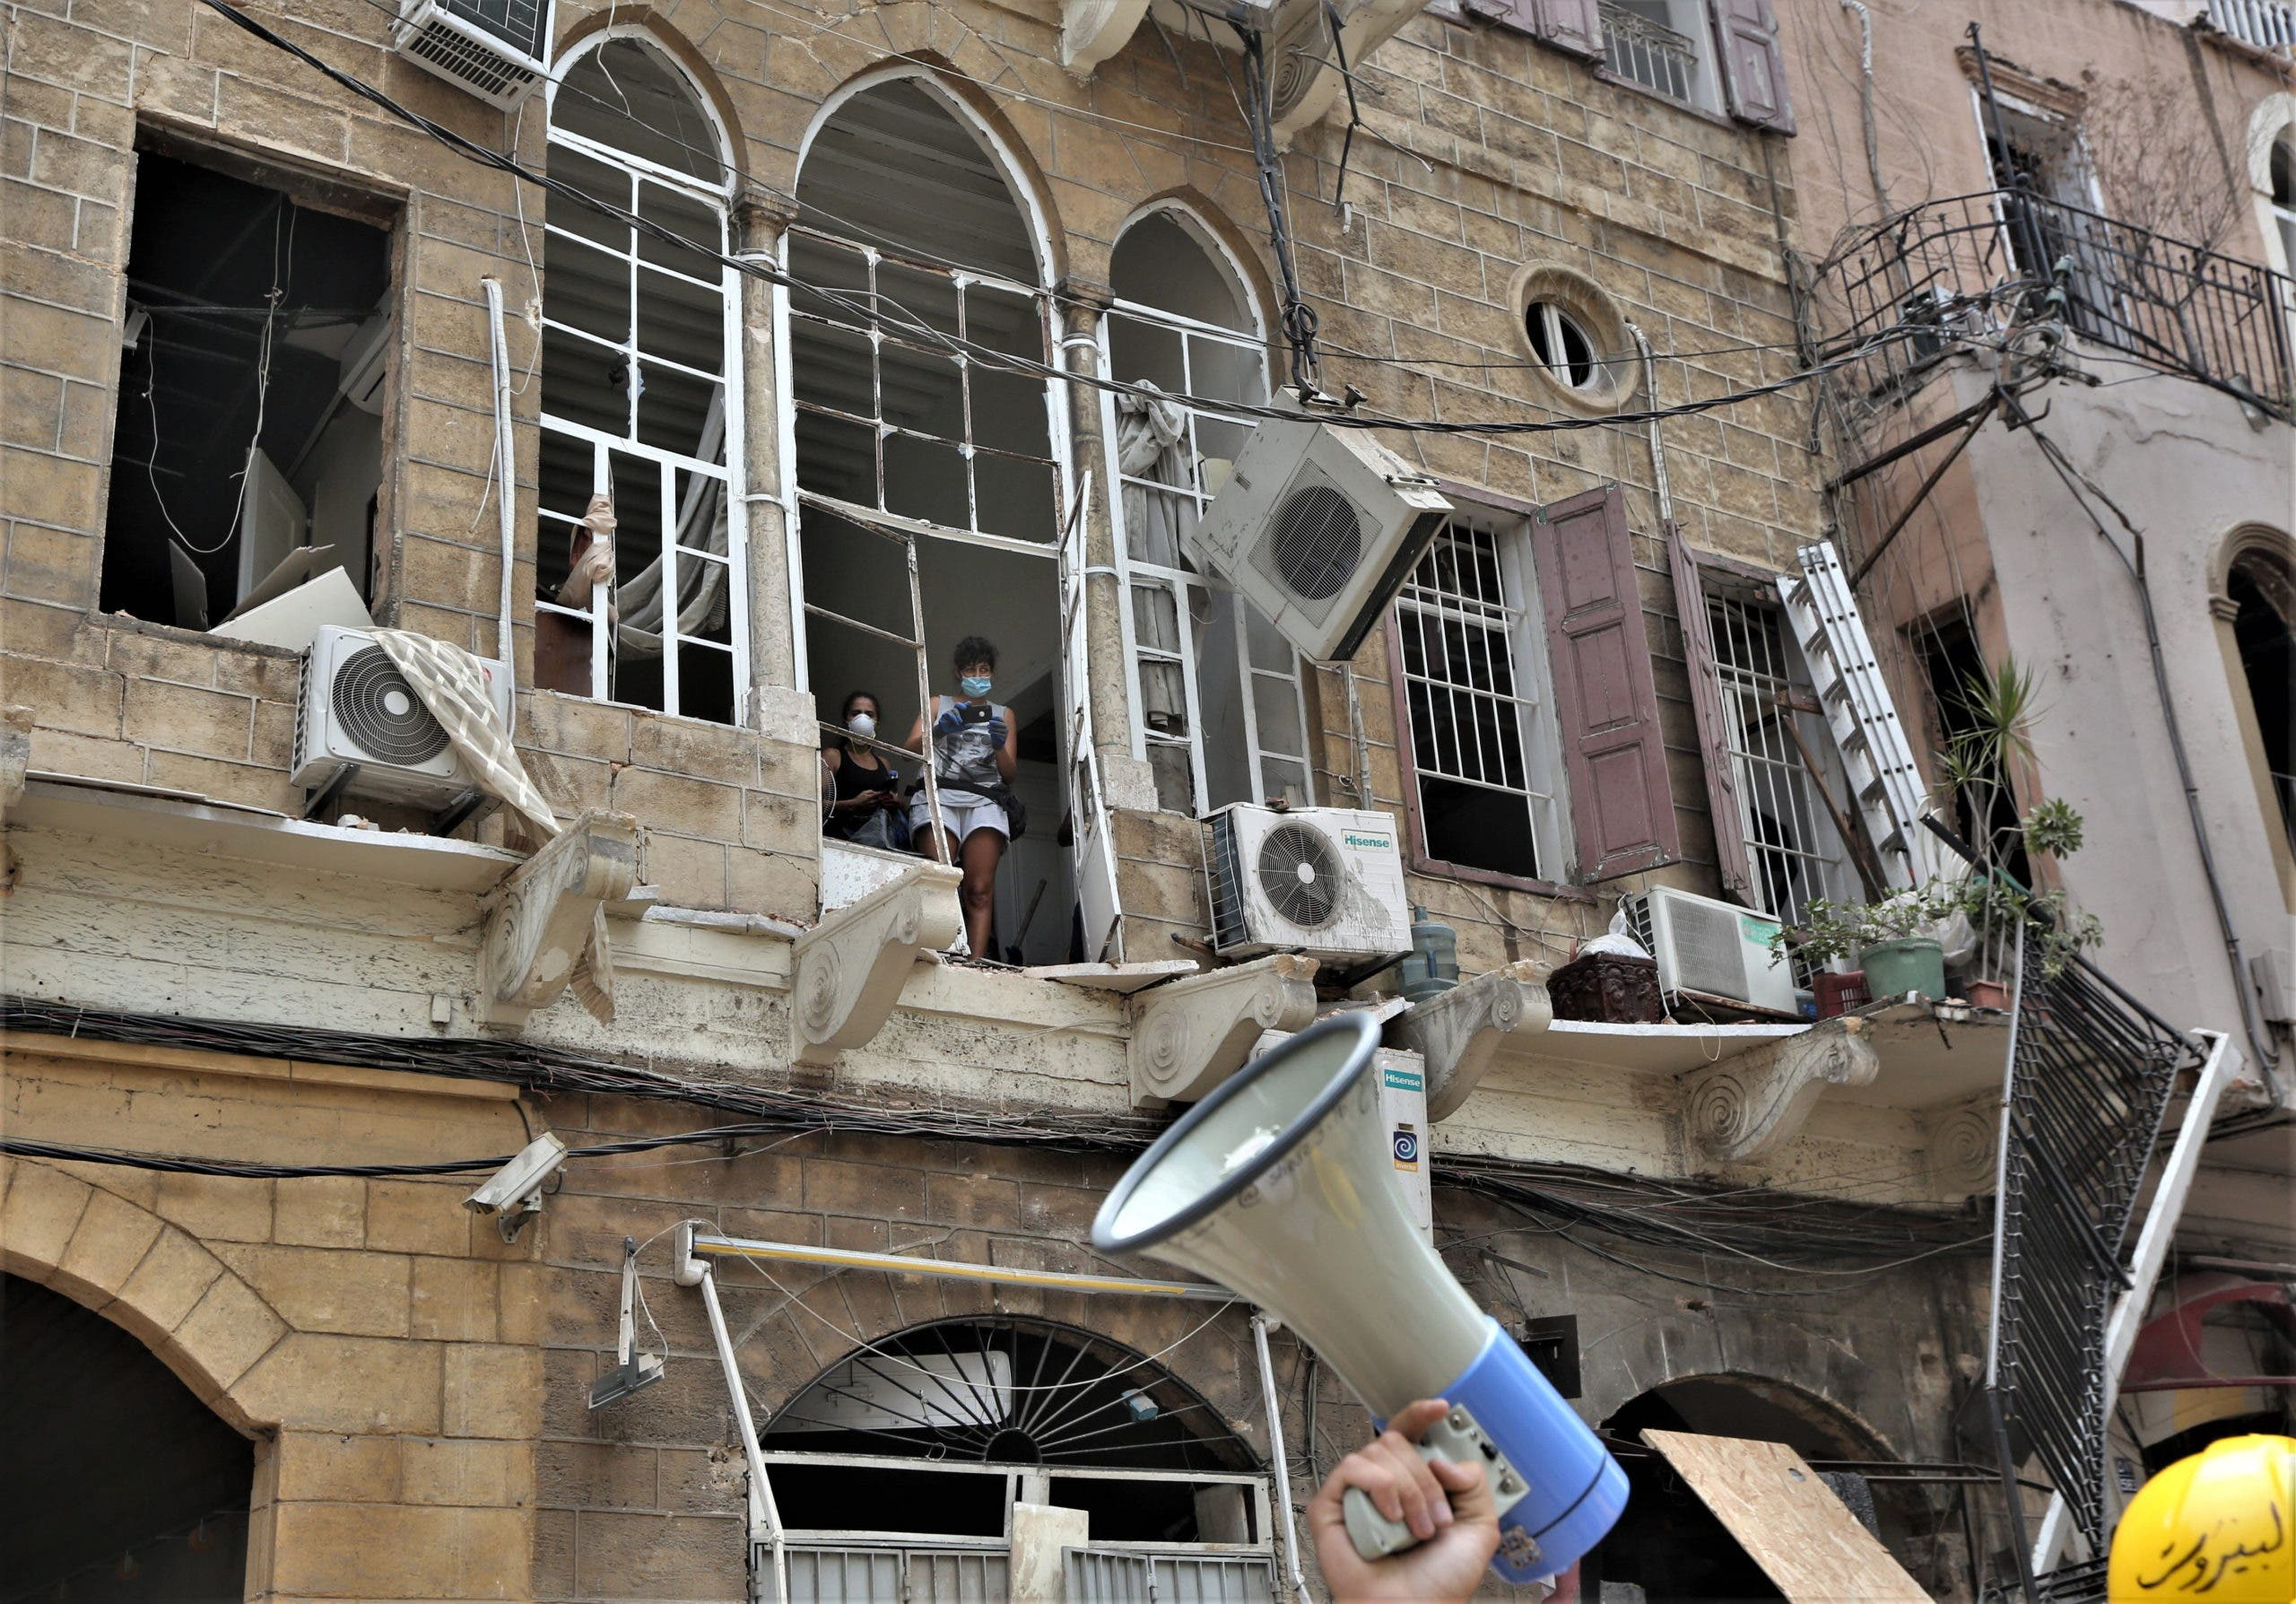 Miedo y terror: Dominicana en el Líbano cuenta lo que vivió durante explosión